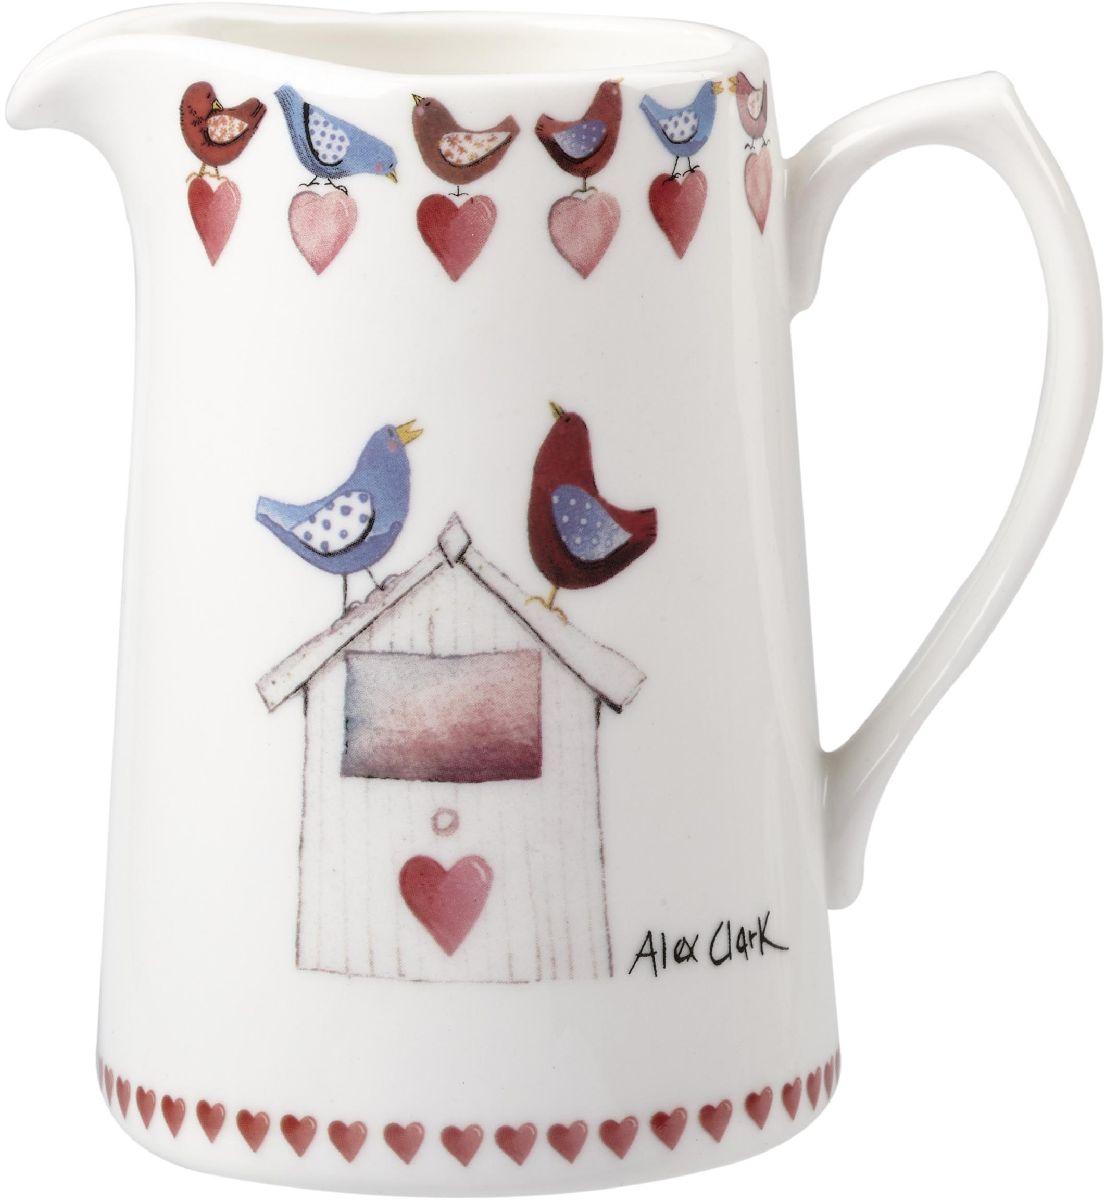 Кувшин Churchill, 250 мл124188Коллекция Птички - уникальное сочетание живой природы и прекрасные воспоминания из детства. Легкий и простой дизайн с пастельными красками идеально подойдет для любой кухни.